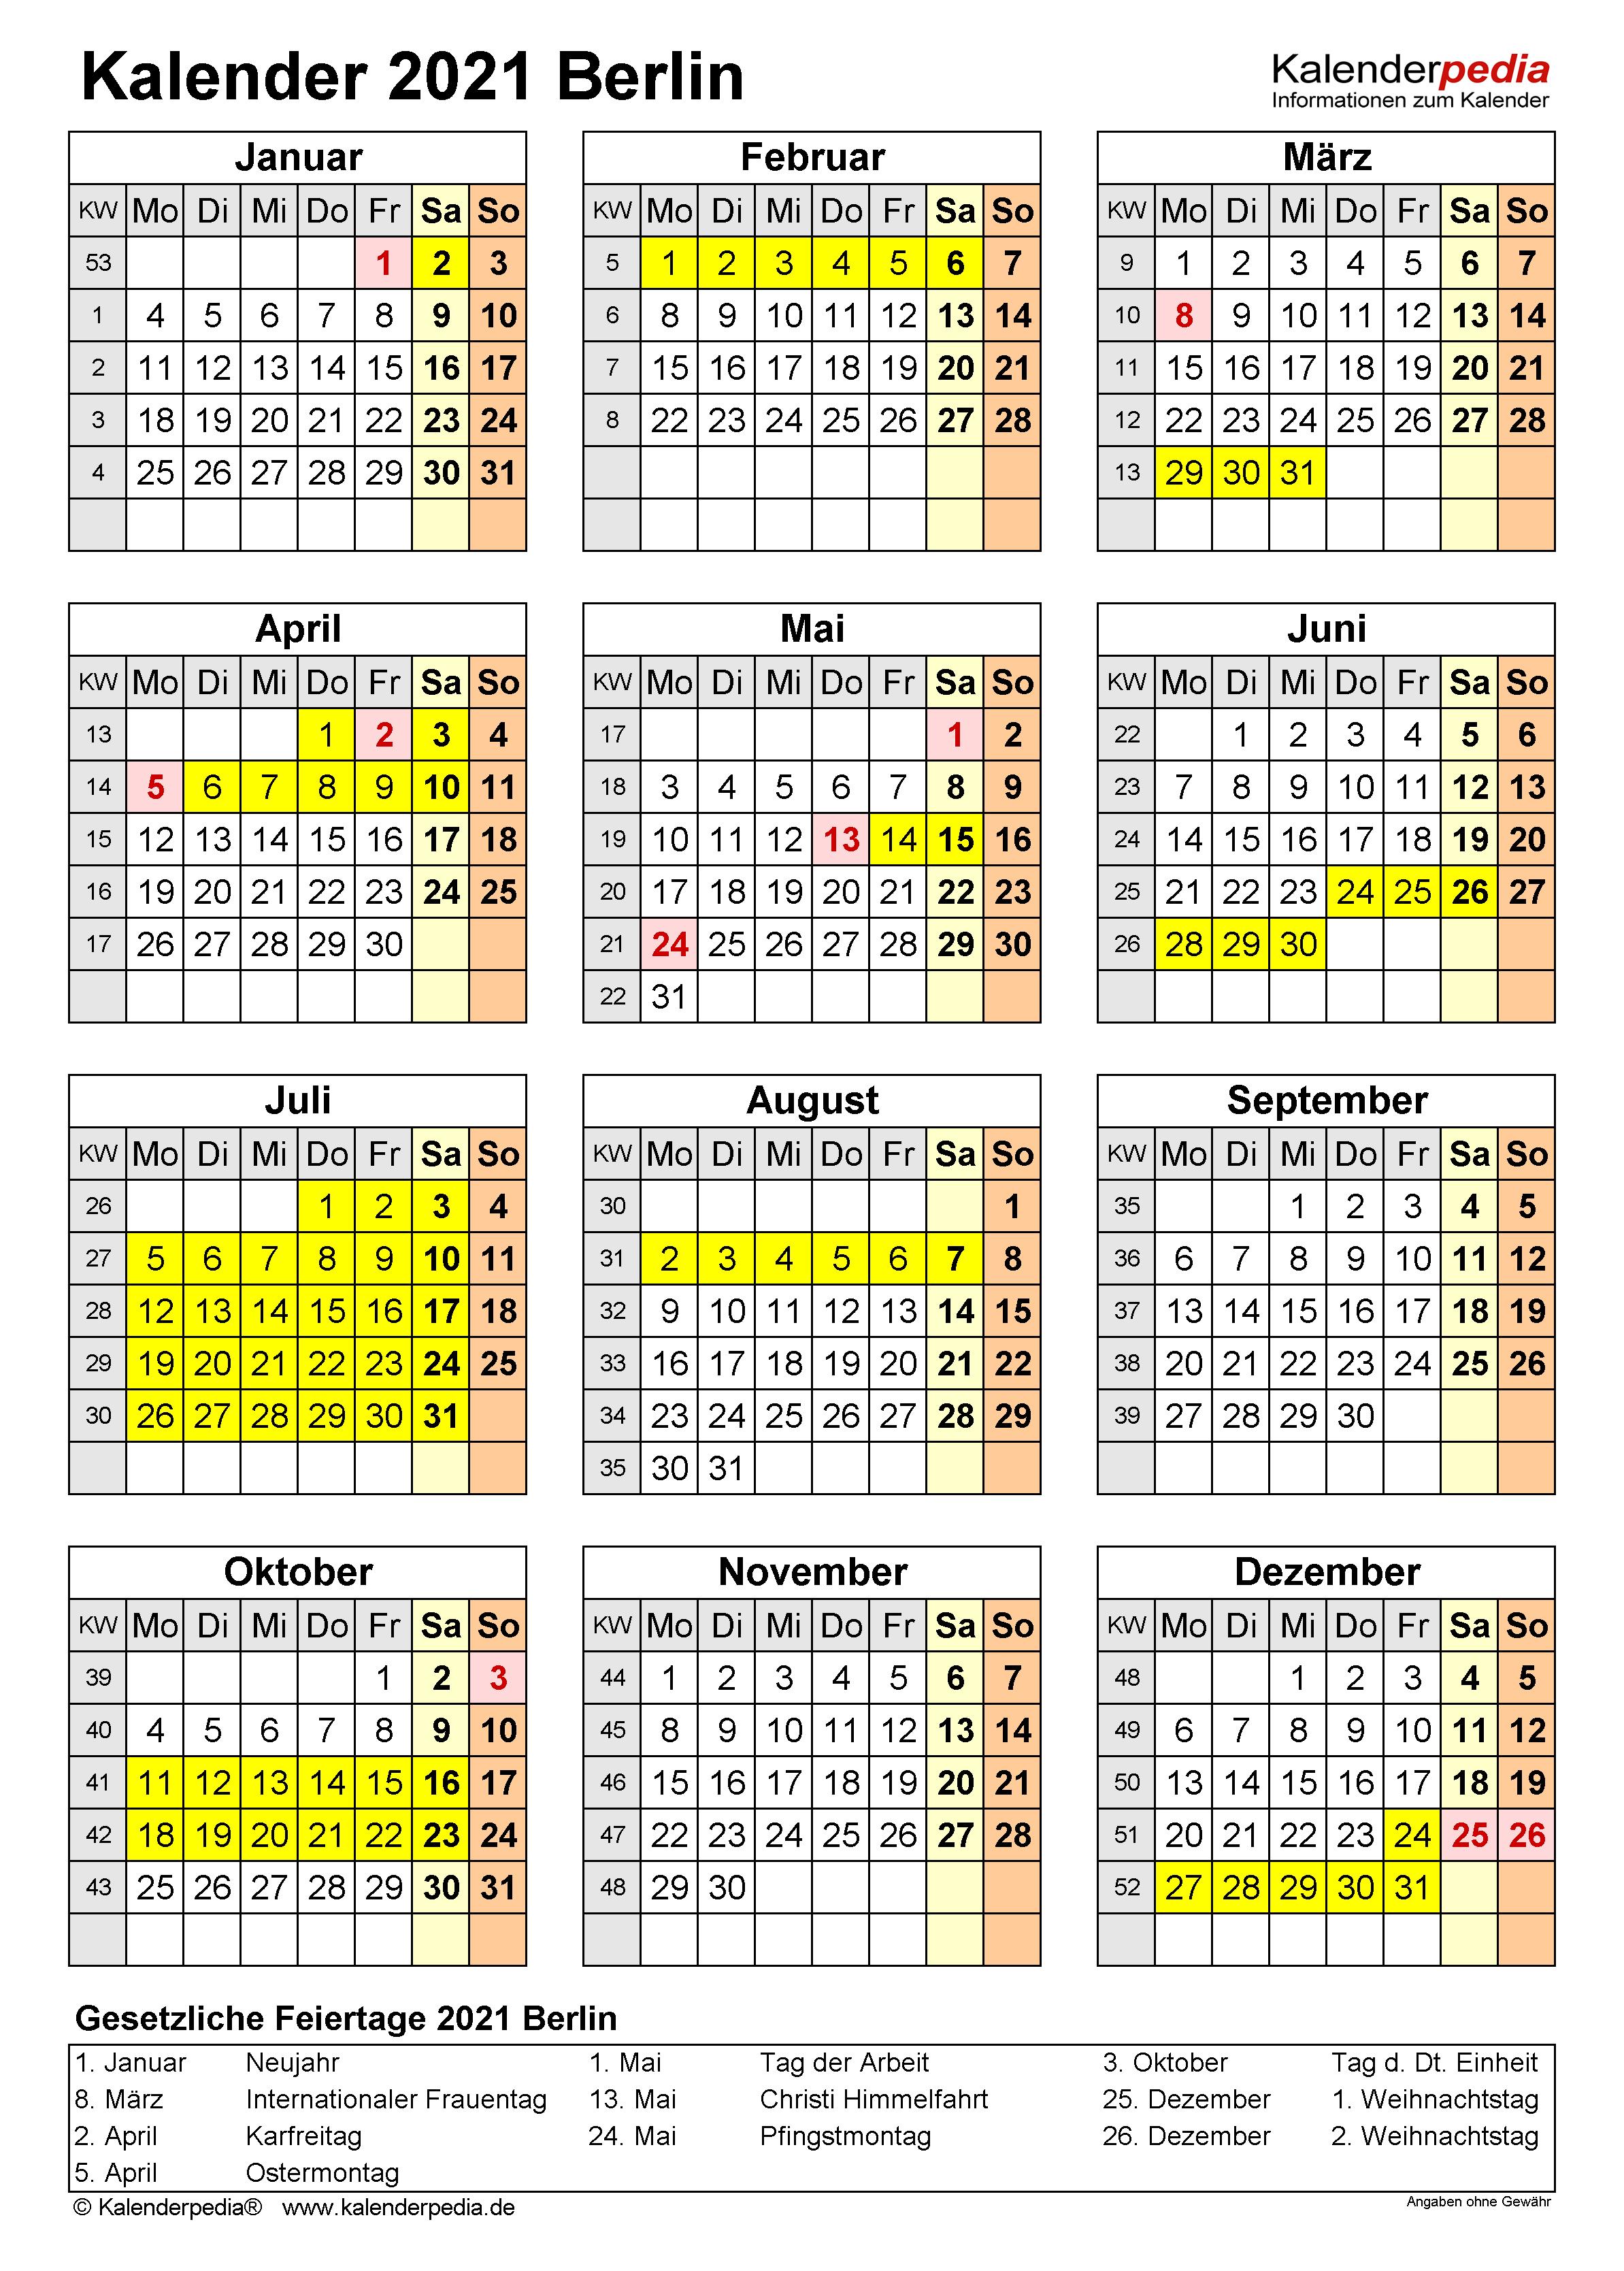 Kalender 2021 Berlin: Ferien, Feiertage, PDF-Vorlagen